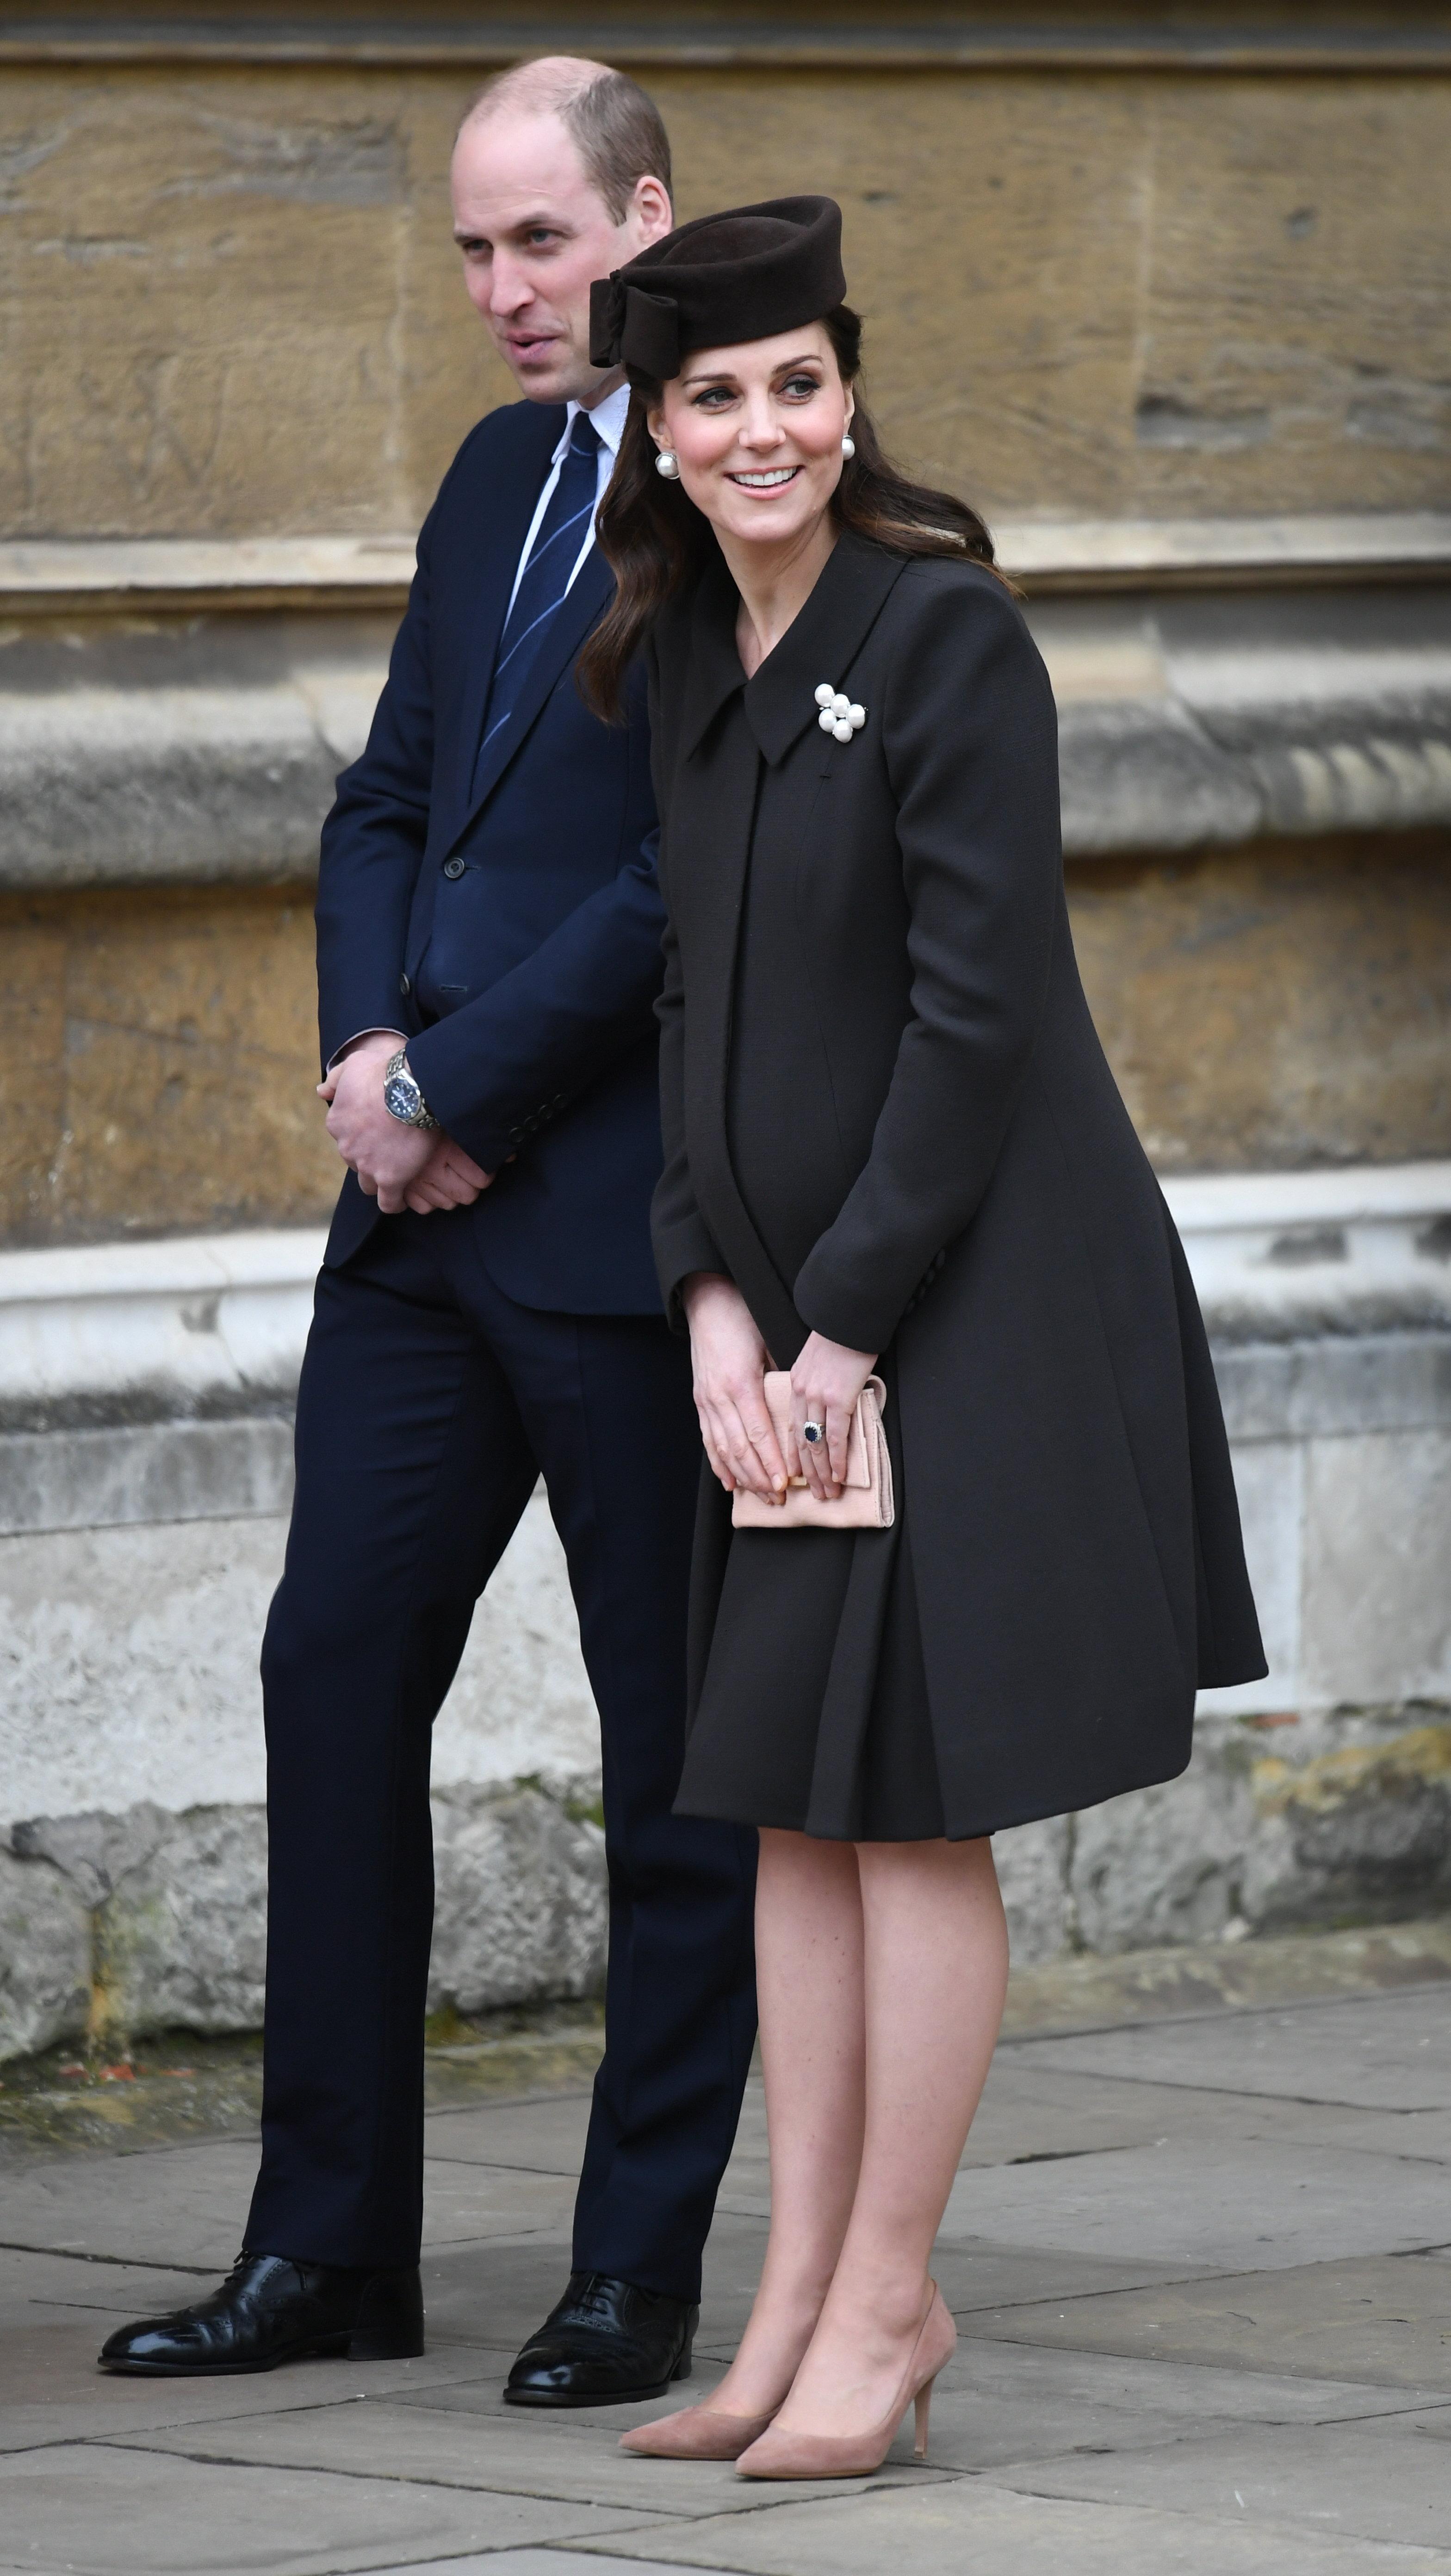 Cały świat mógł oglądać księżną Kate topless. Zapadł historyczny wyrok sądu!